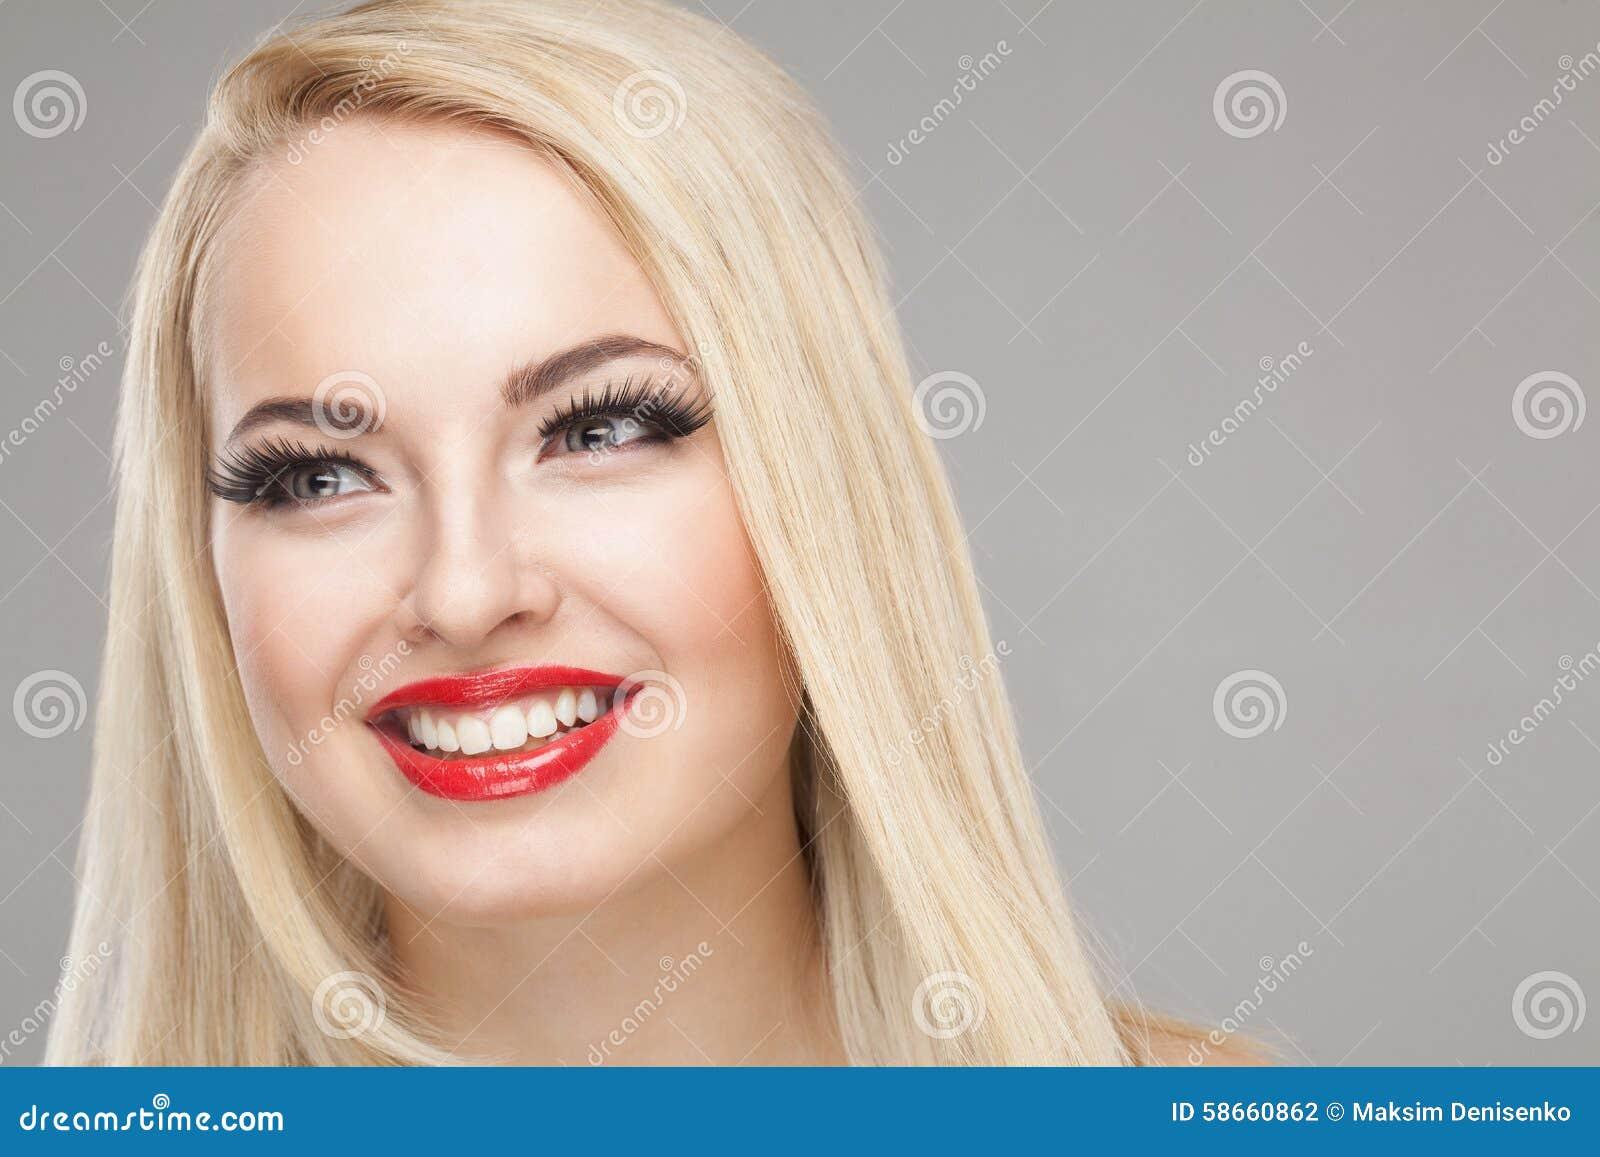 Fashion Stylish Beauty Portrait Of Smiling Beautiful Blonde Girl